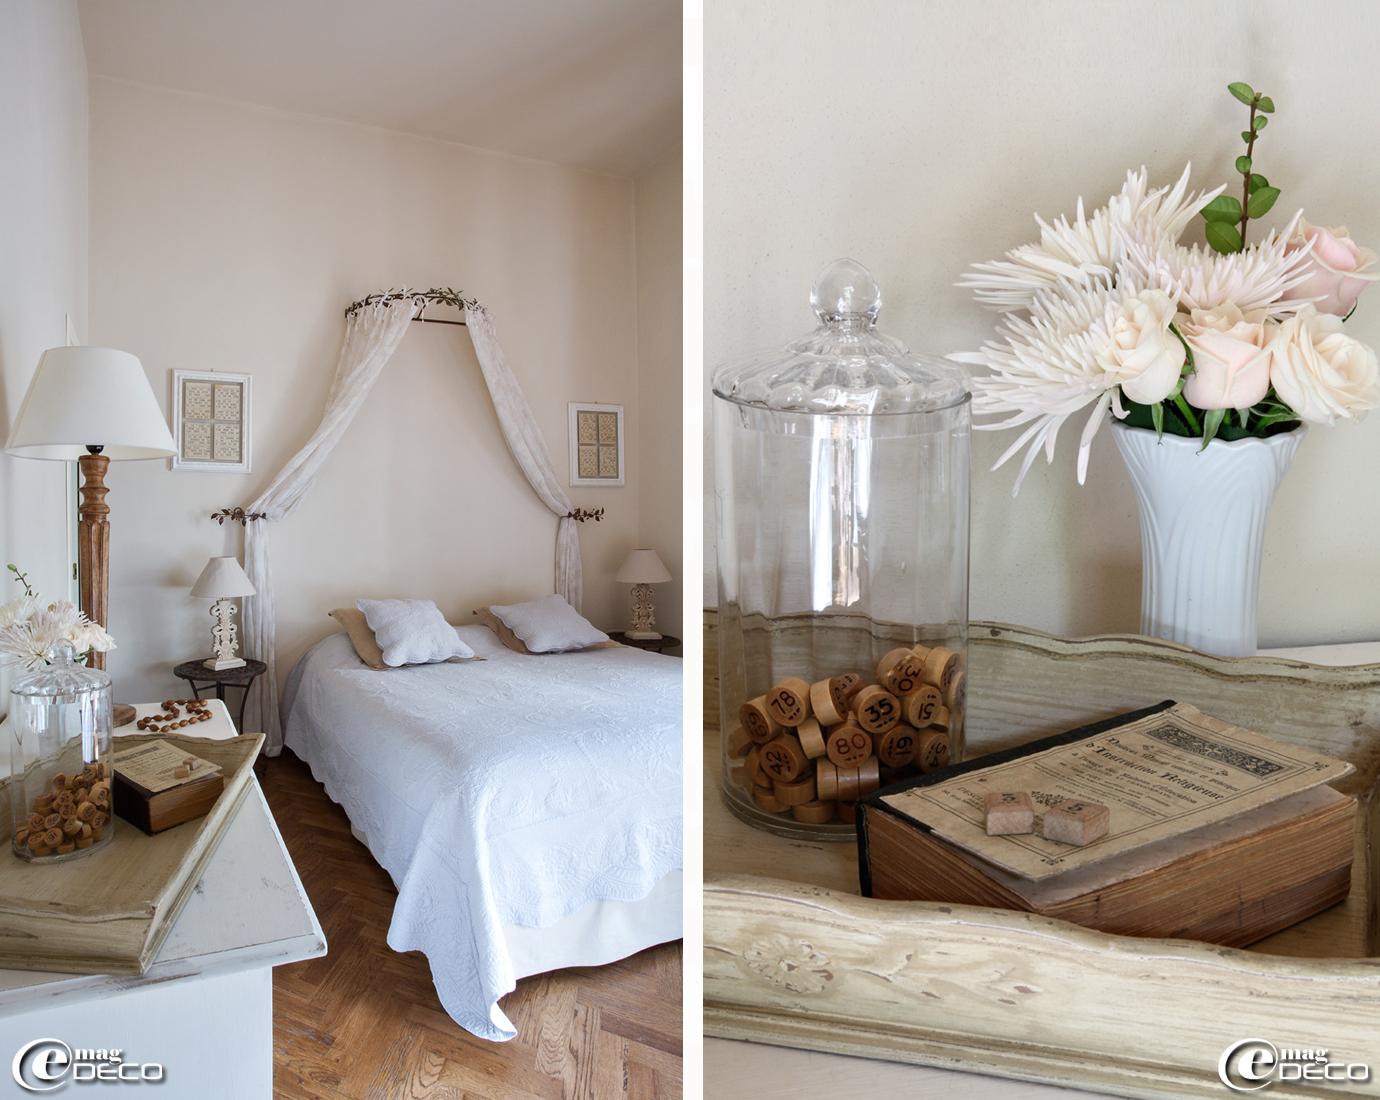 Chambre 'Buena sorte' décorée de cartons et jetons de Loto, de la maison d'hôtes de charme 'Valdirose' près de Florence